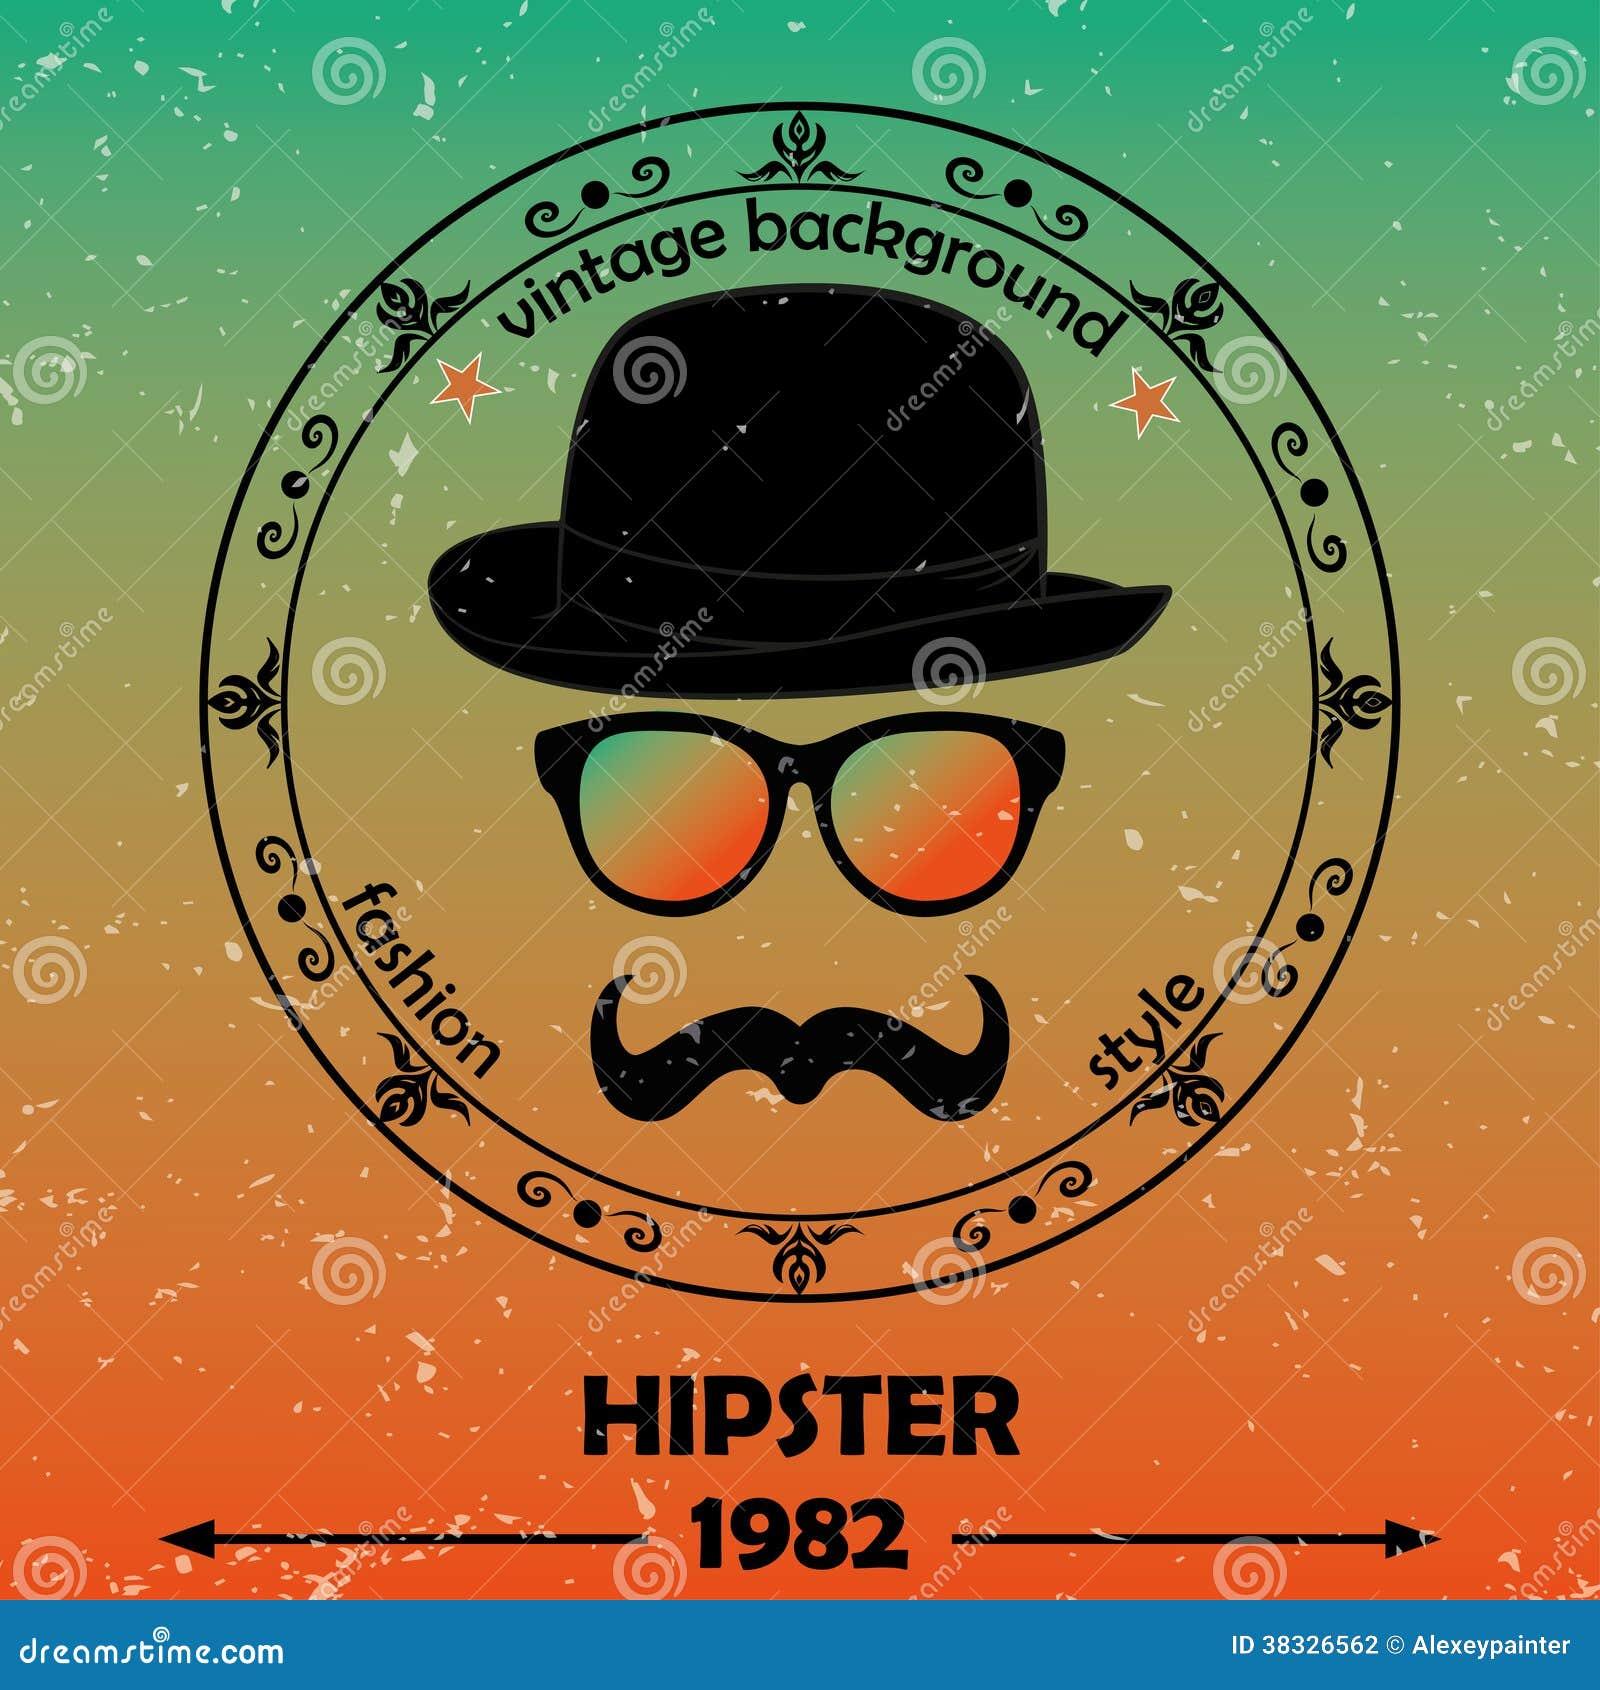 hipster background retro vintage label design hipster theme label